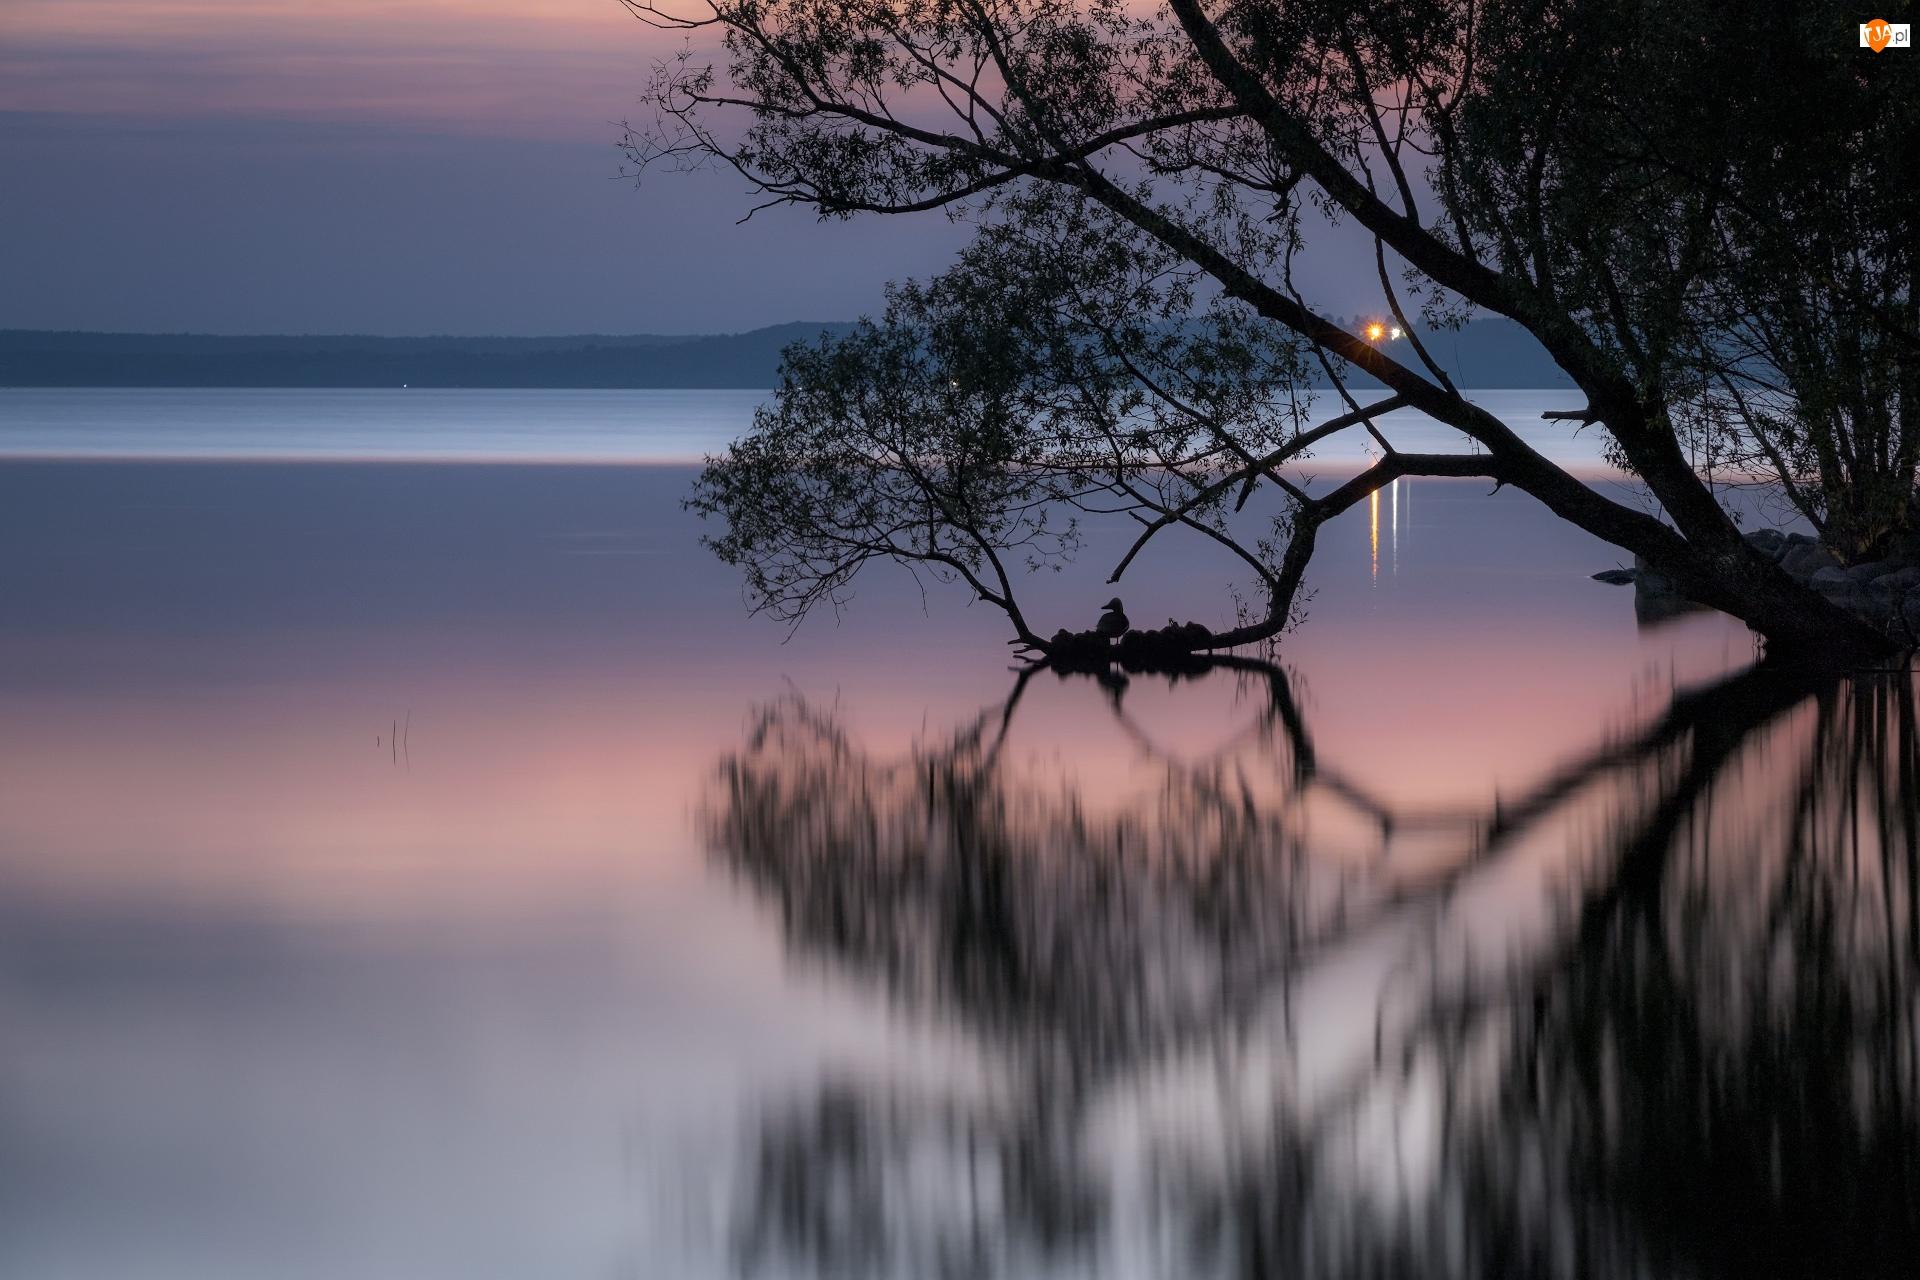 Odbicie, Jezioro, Drzewo, Wieczór